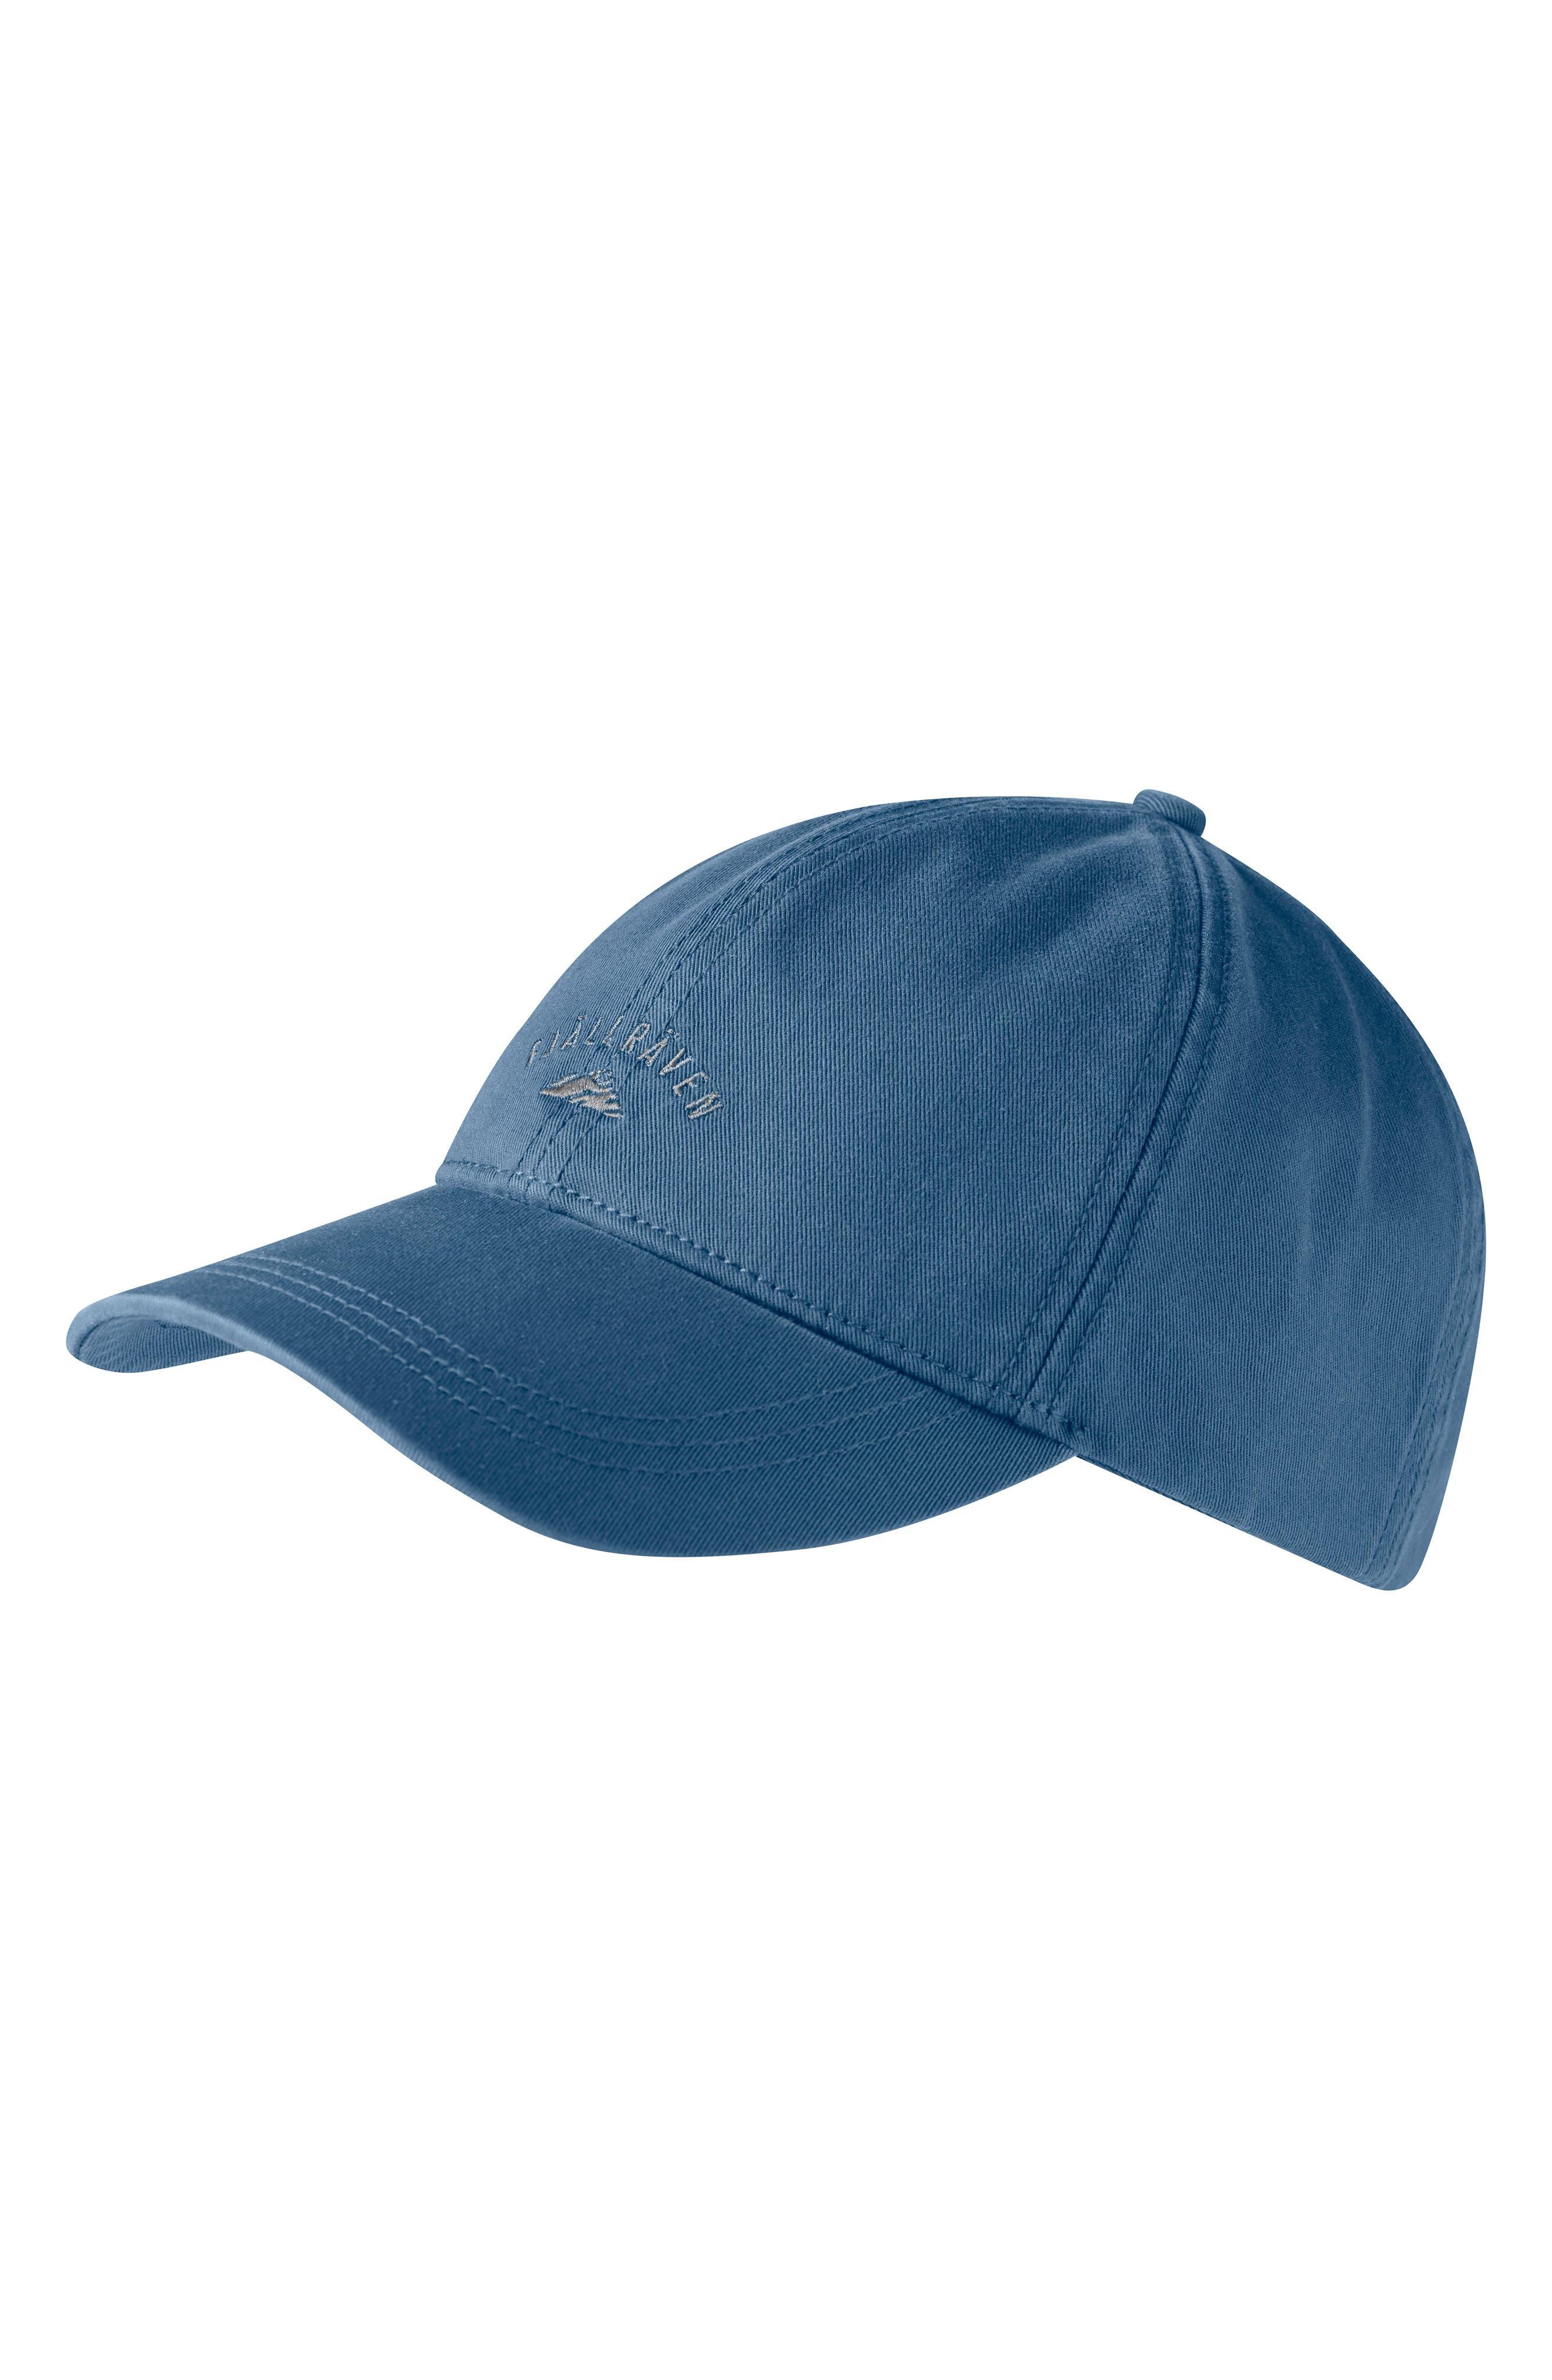 Main Image - Fjällräven Vik Baseball Cap